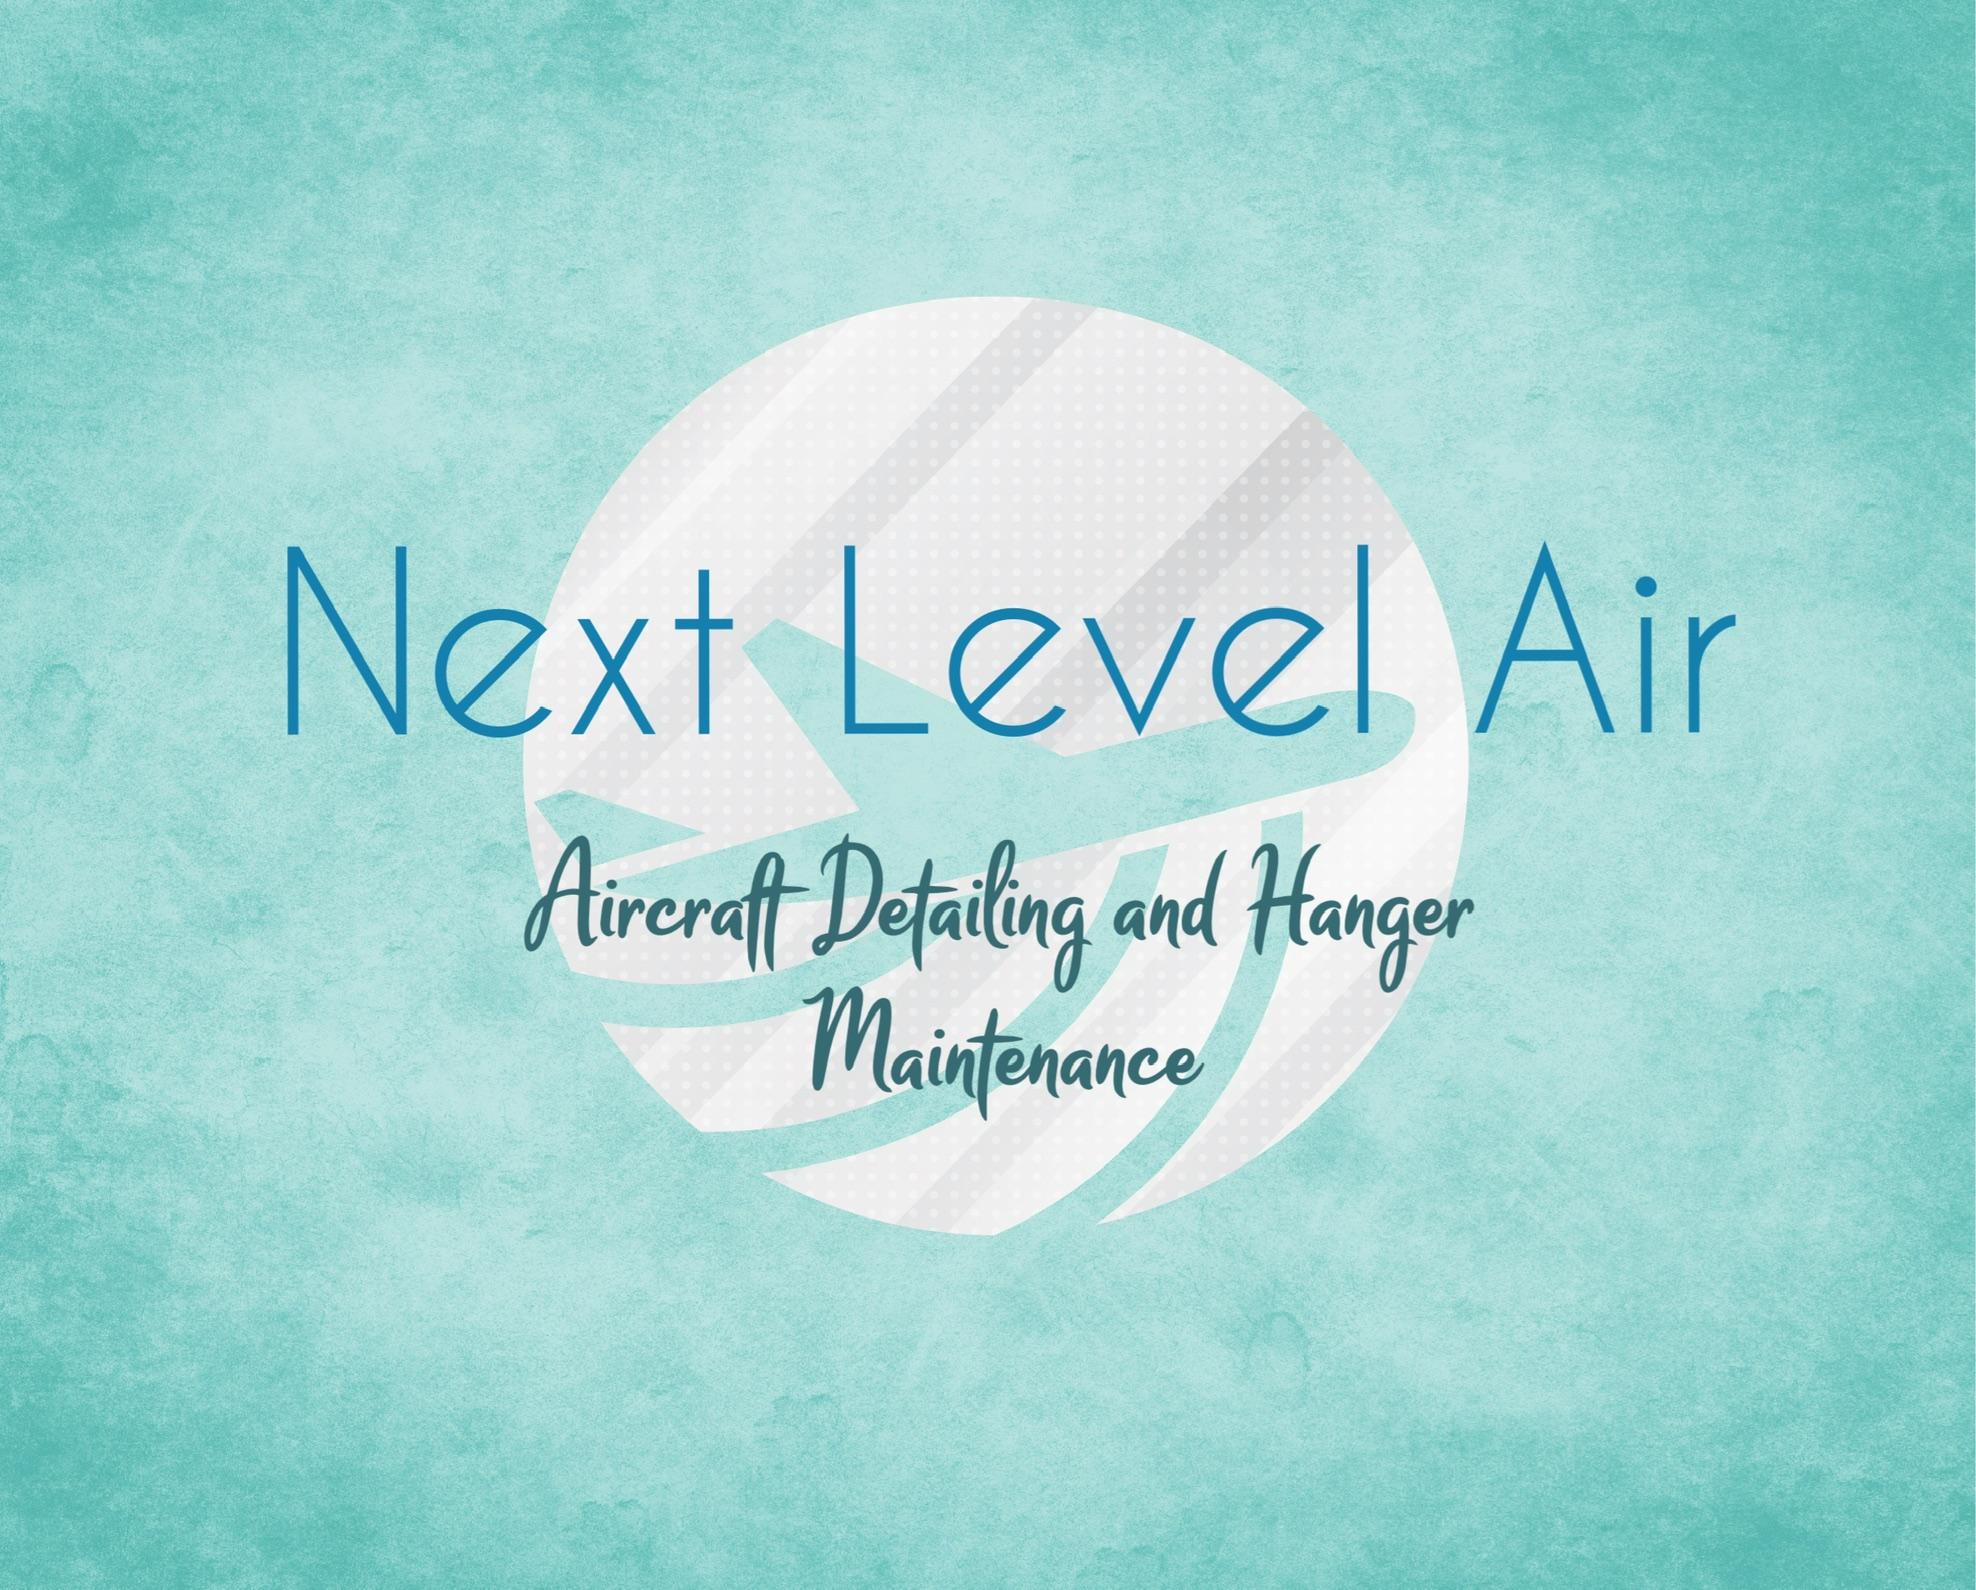 Next Level Air